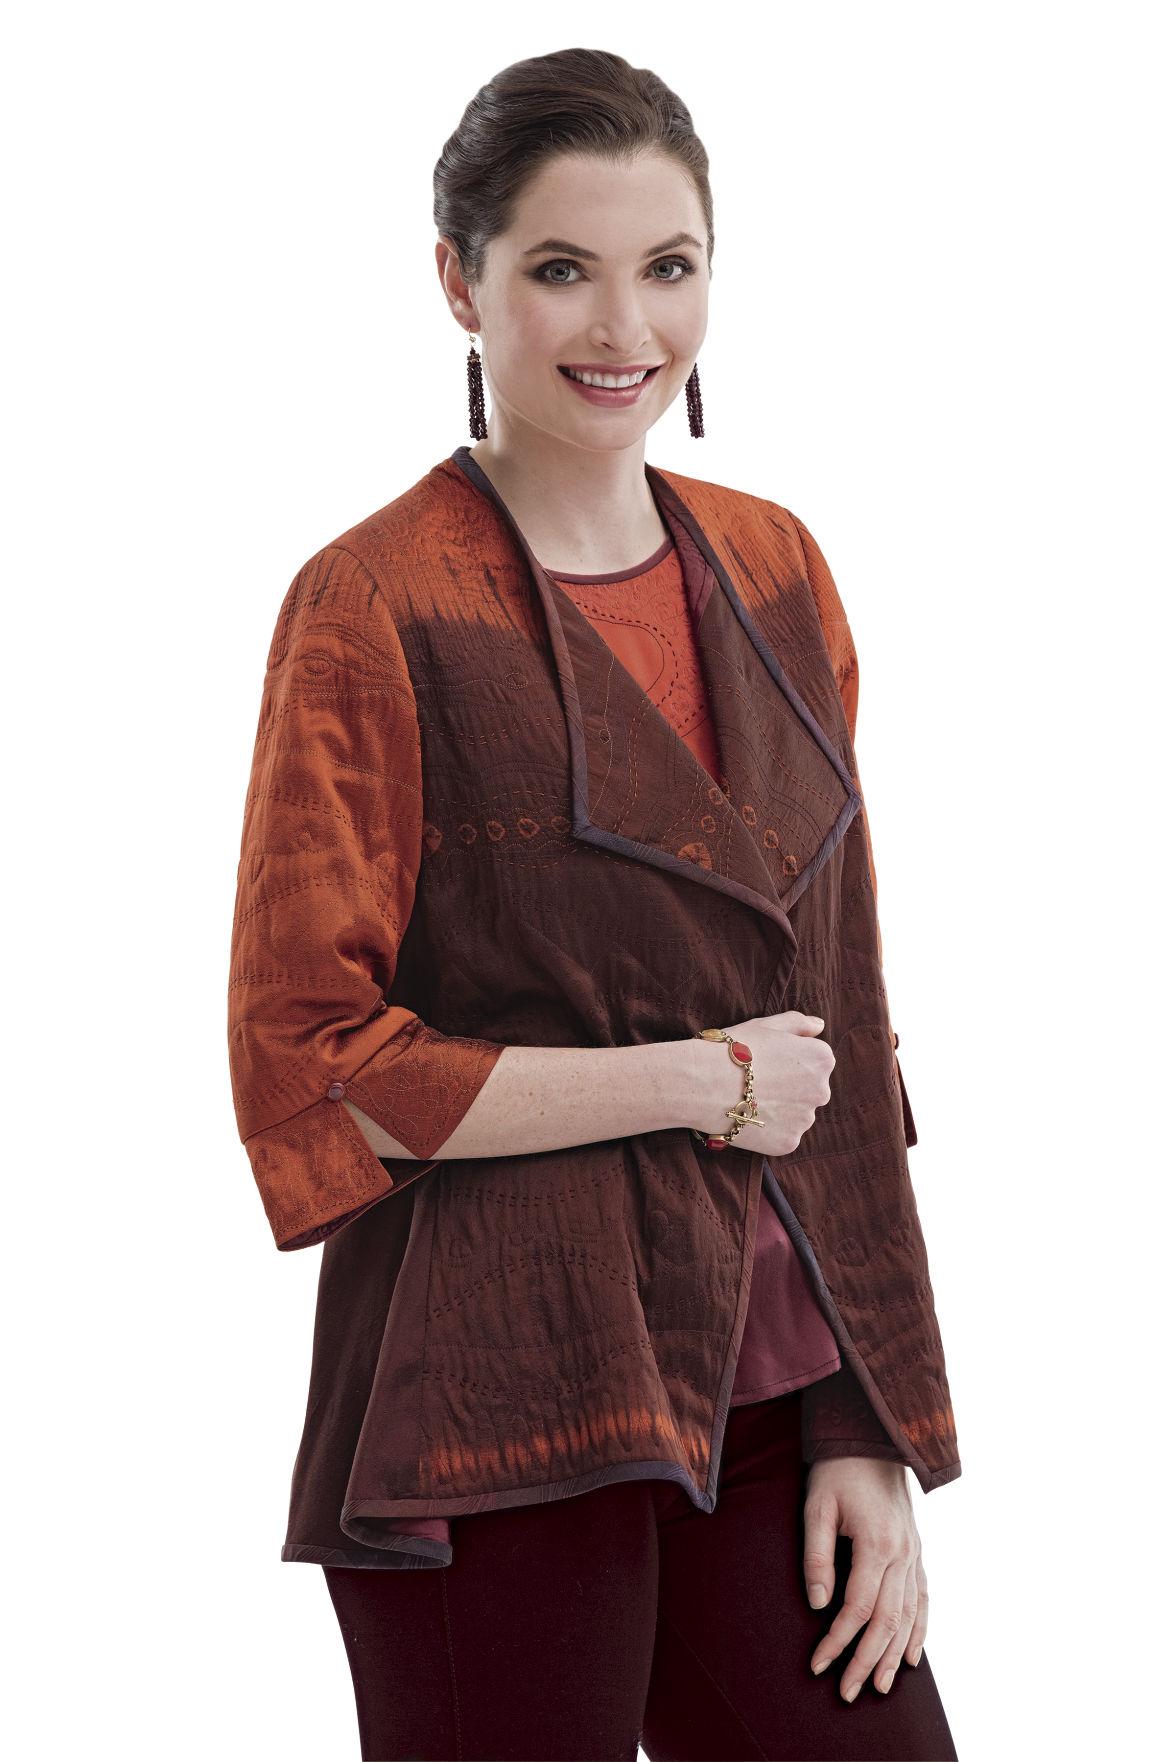 Debby Spence garment